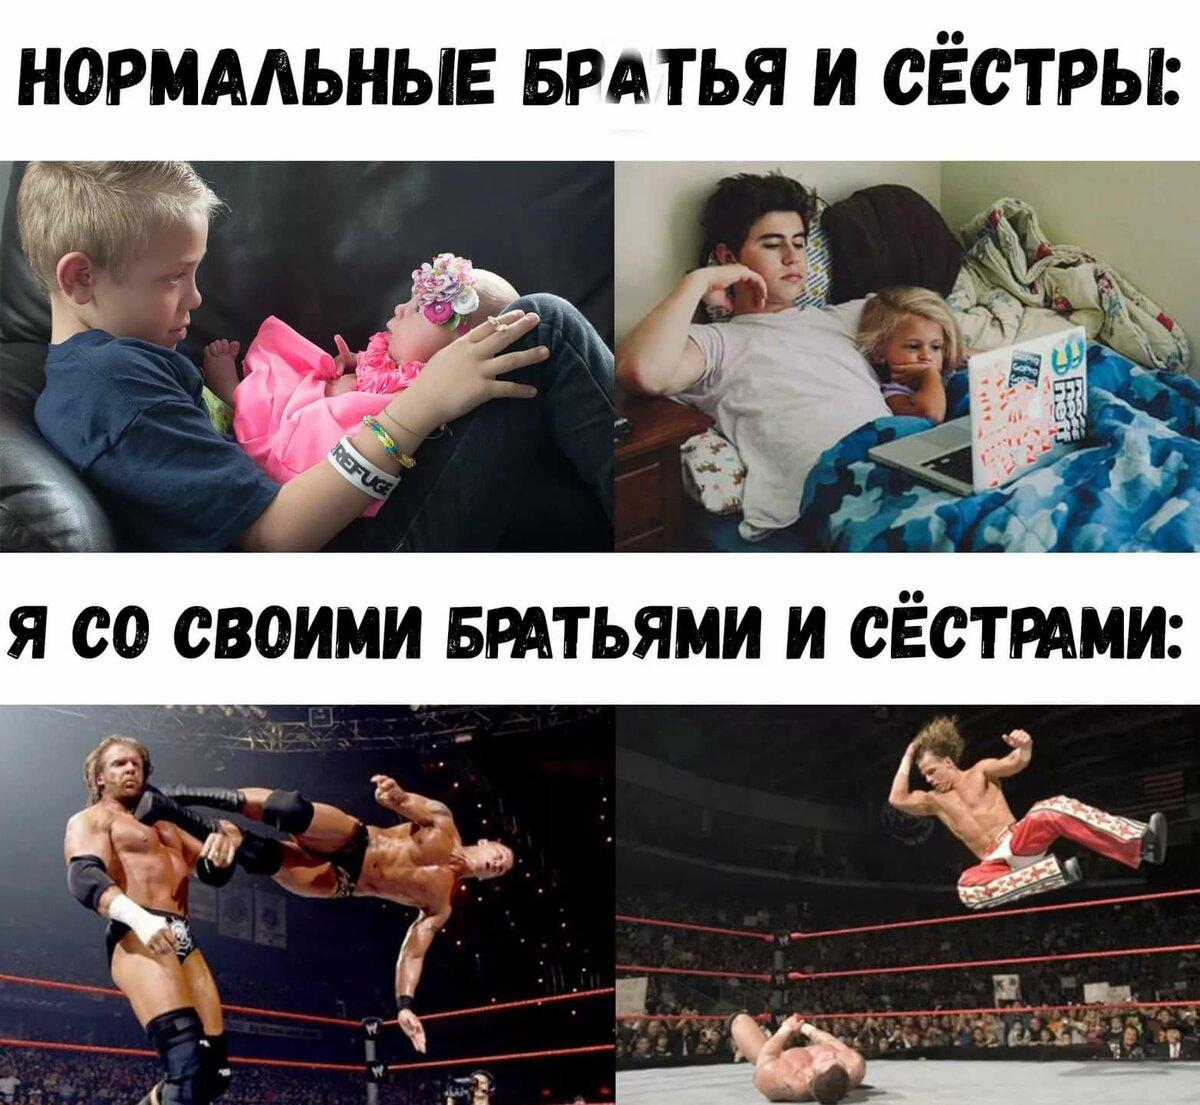 Смешные картинки брату